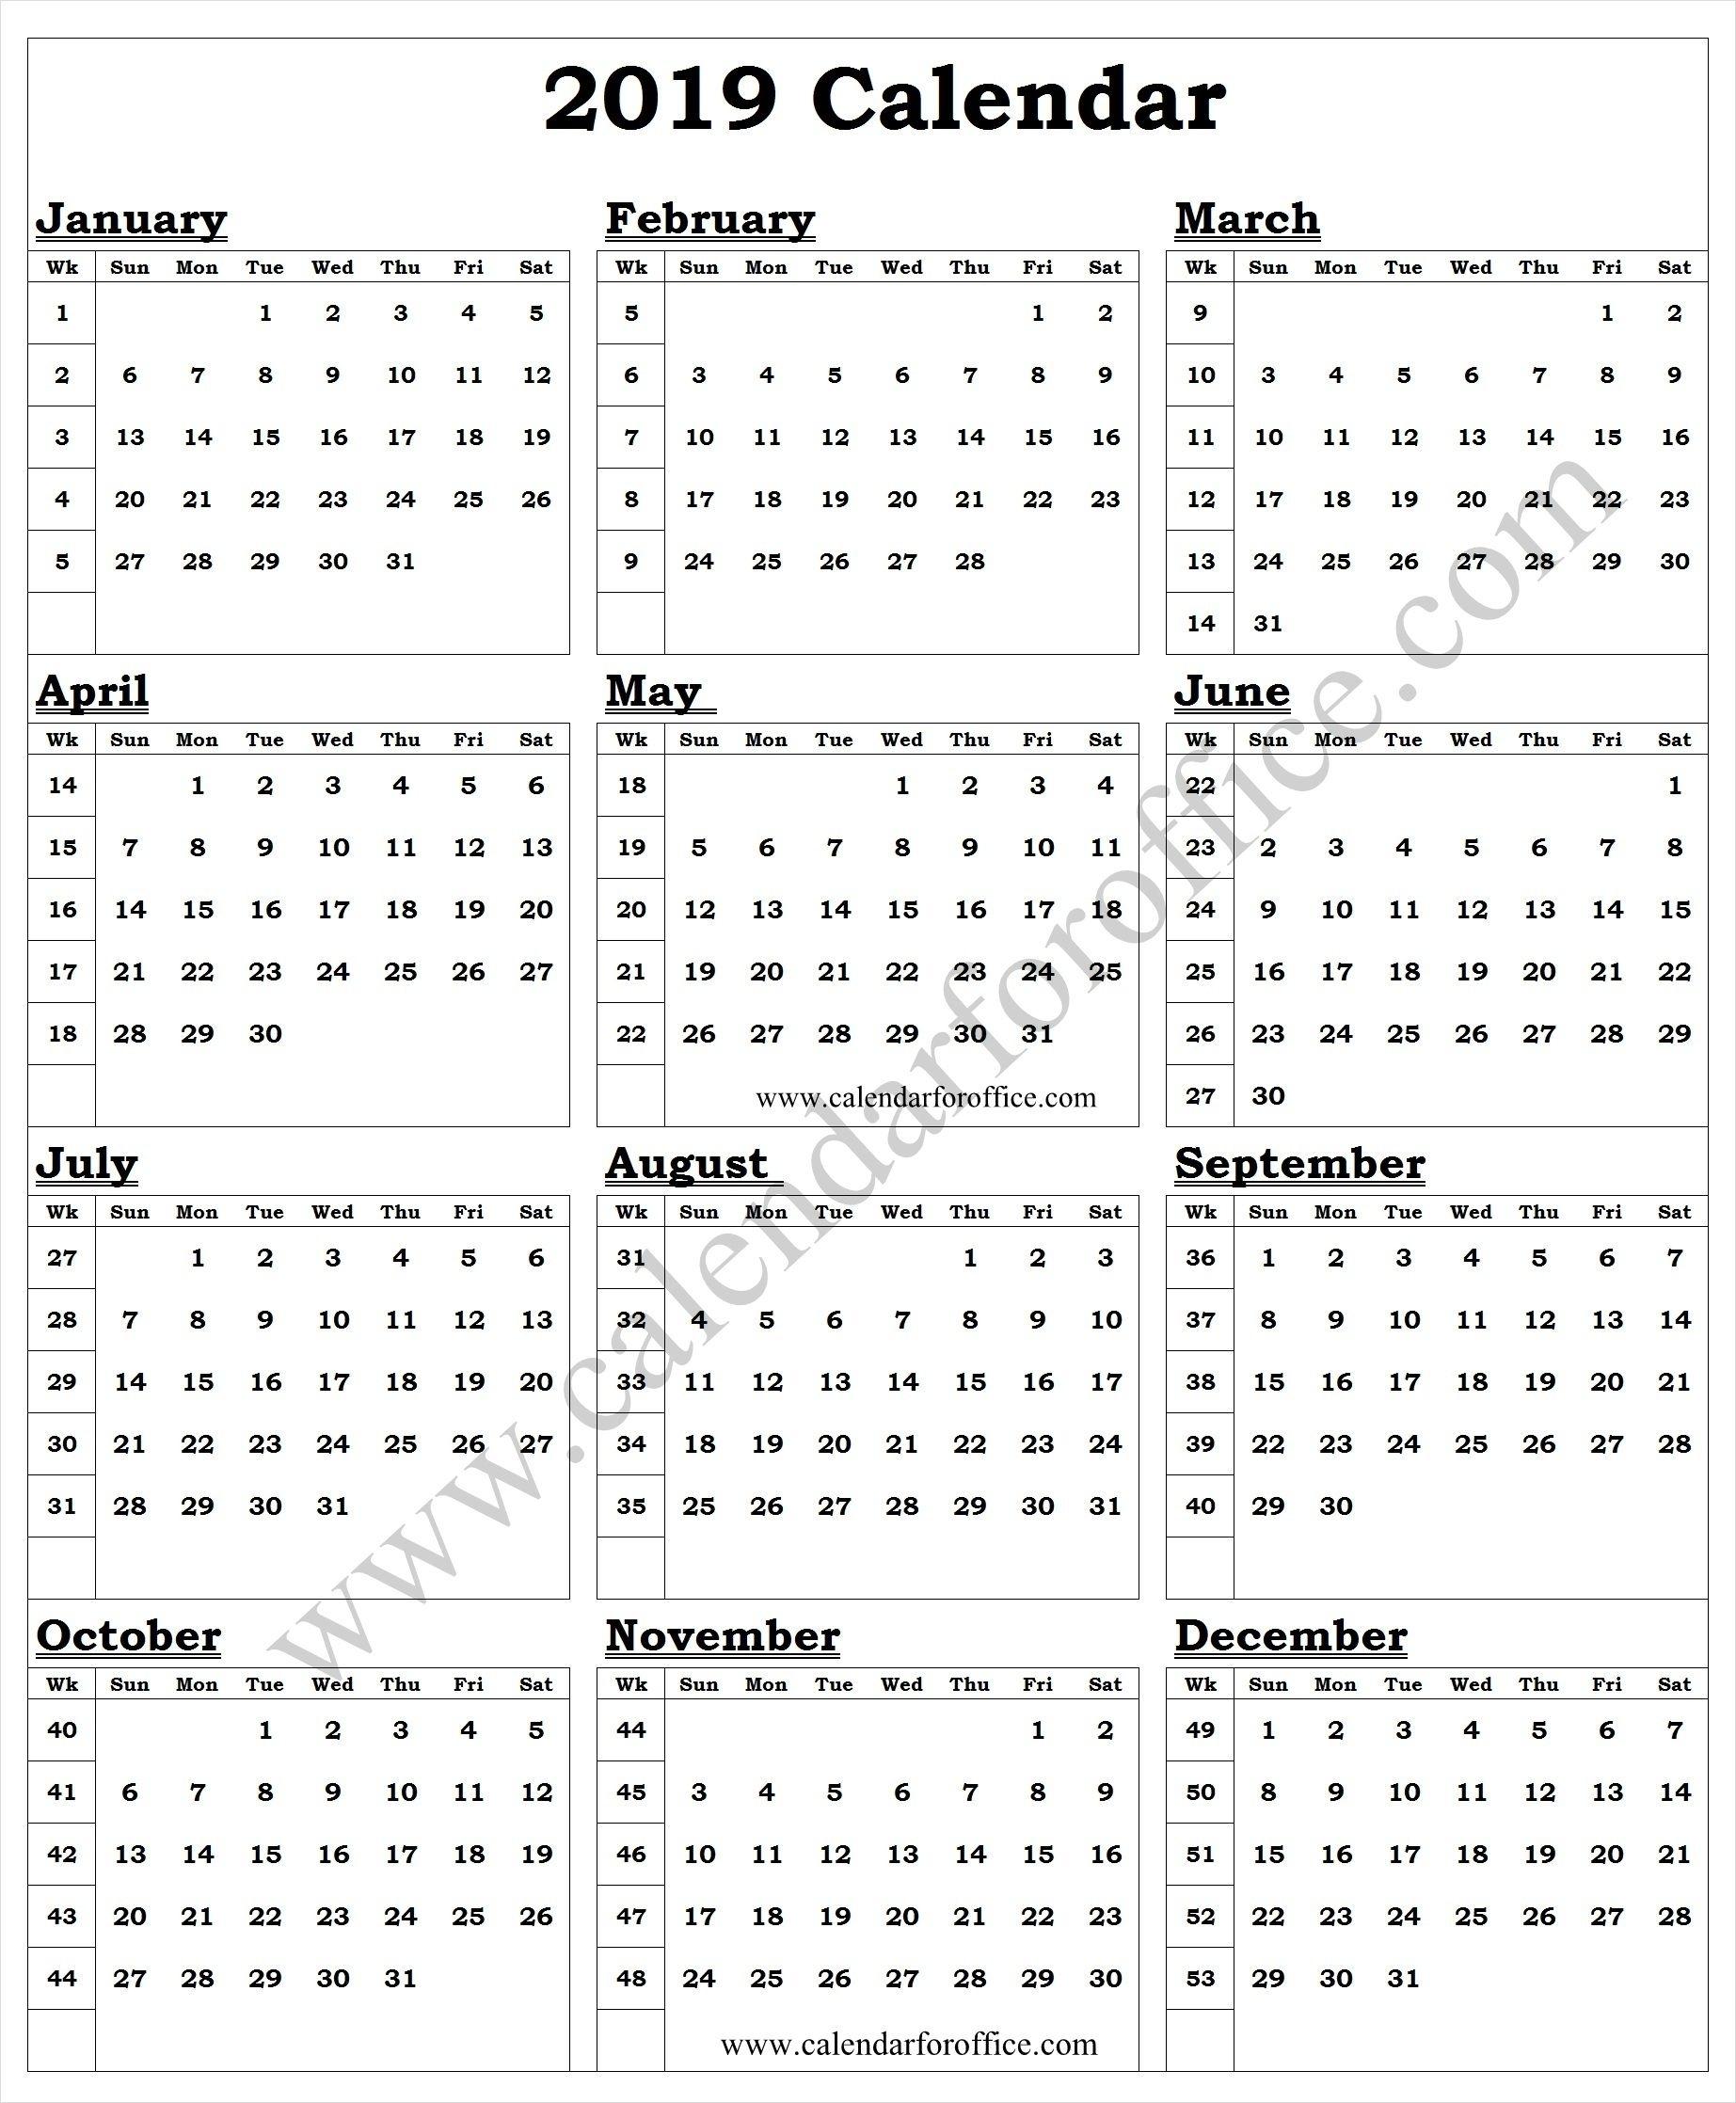 2019 Year Calendar With Week Numbers Printable Template